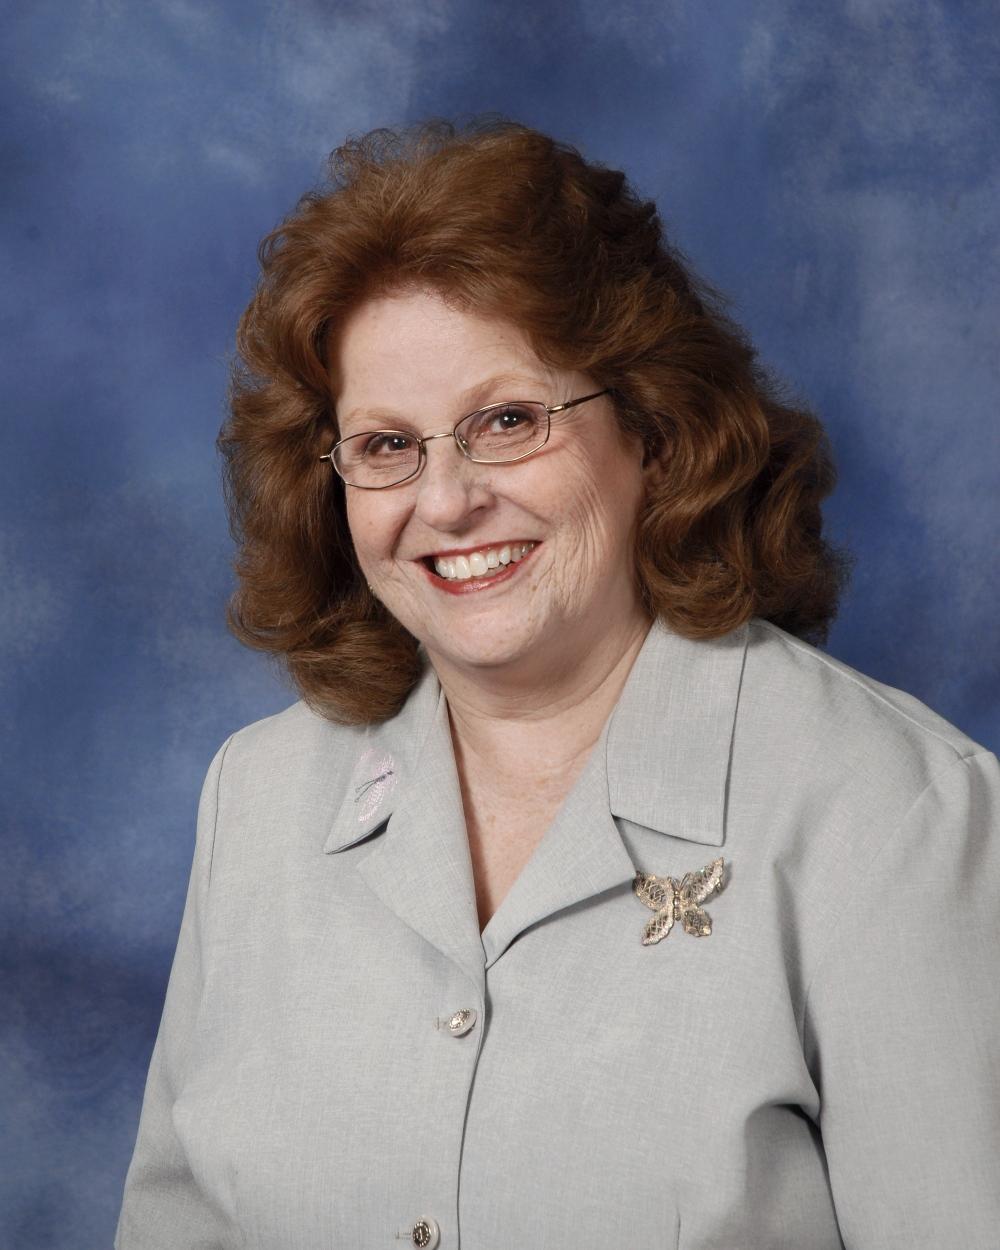 Mrs. Anita Palmore